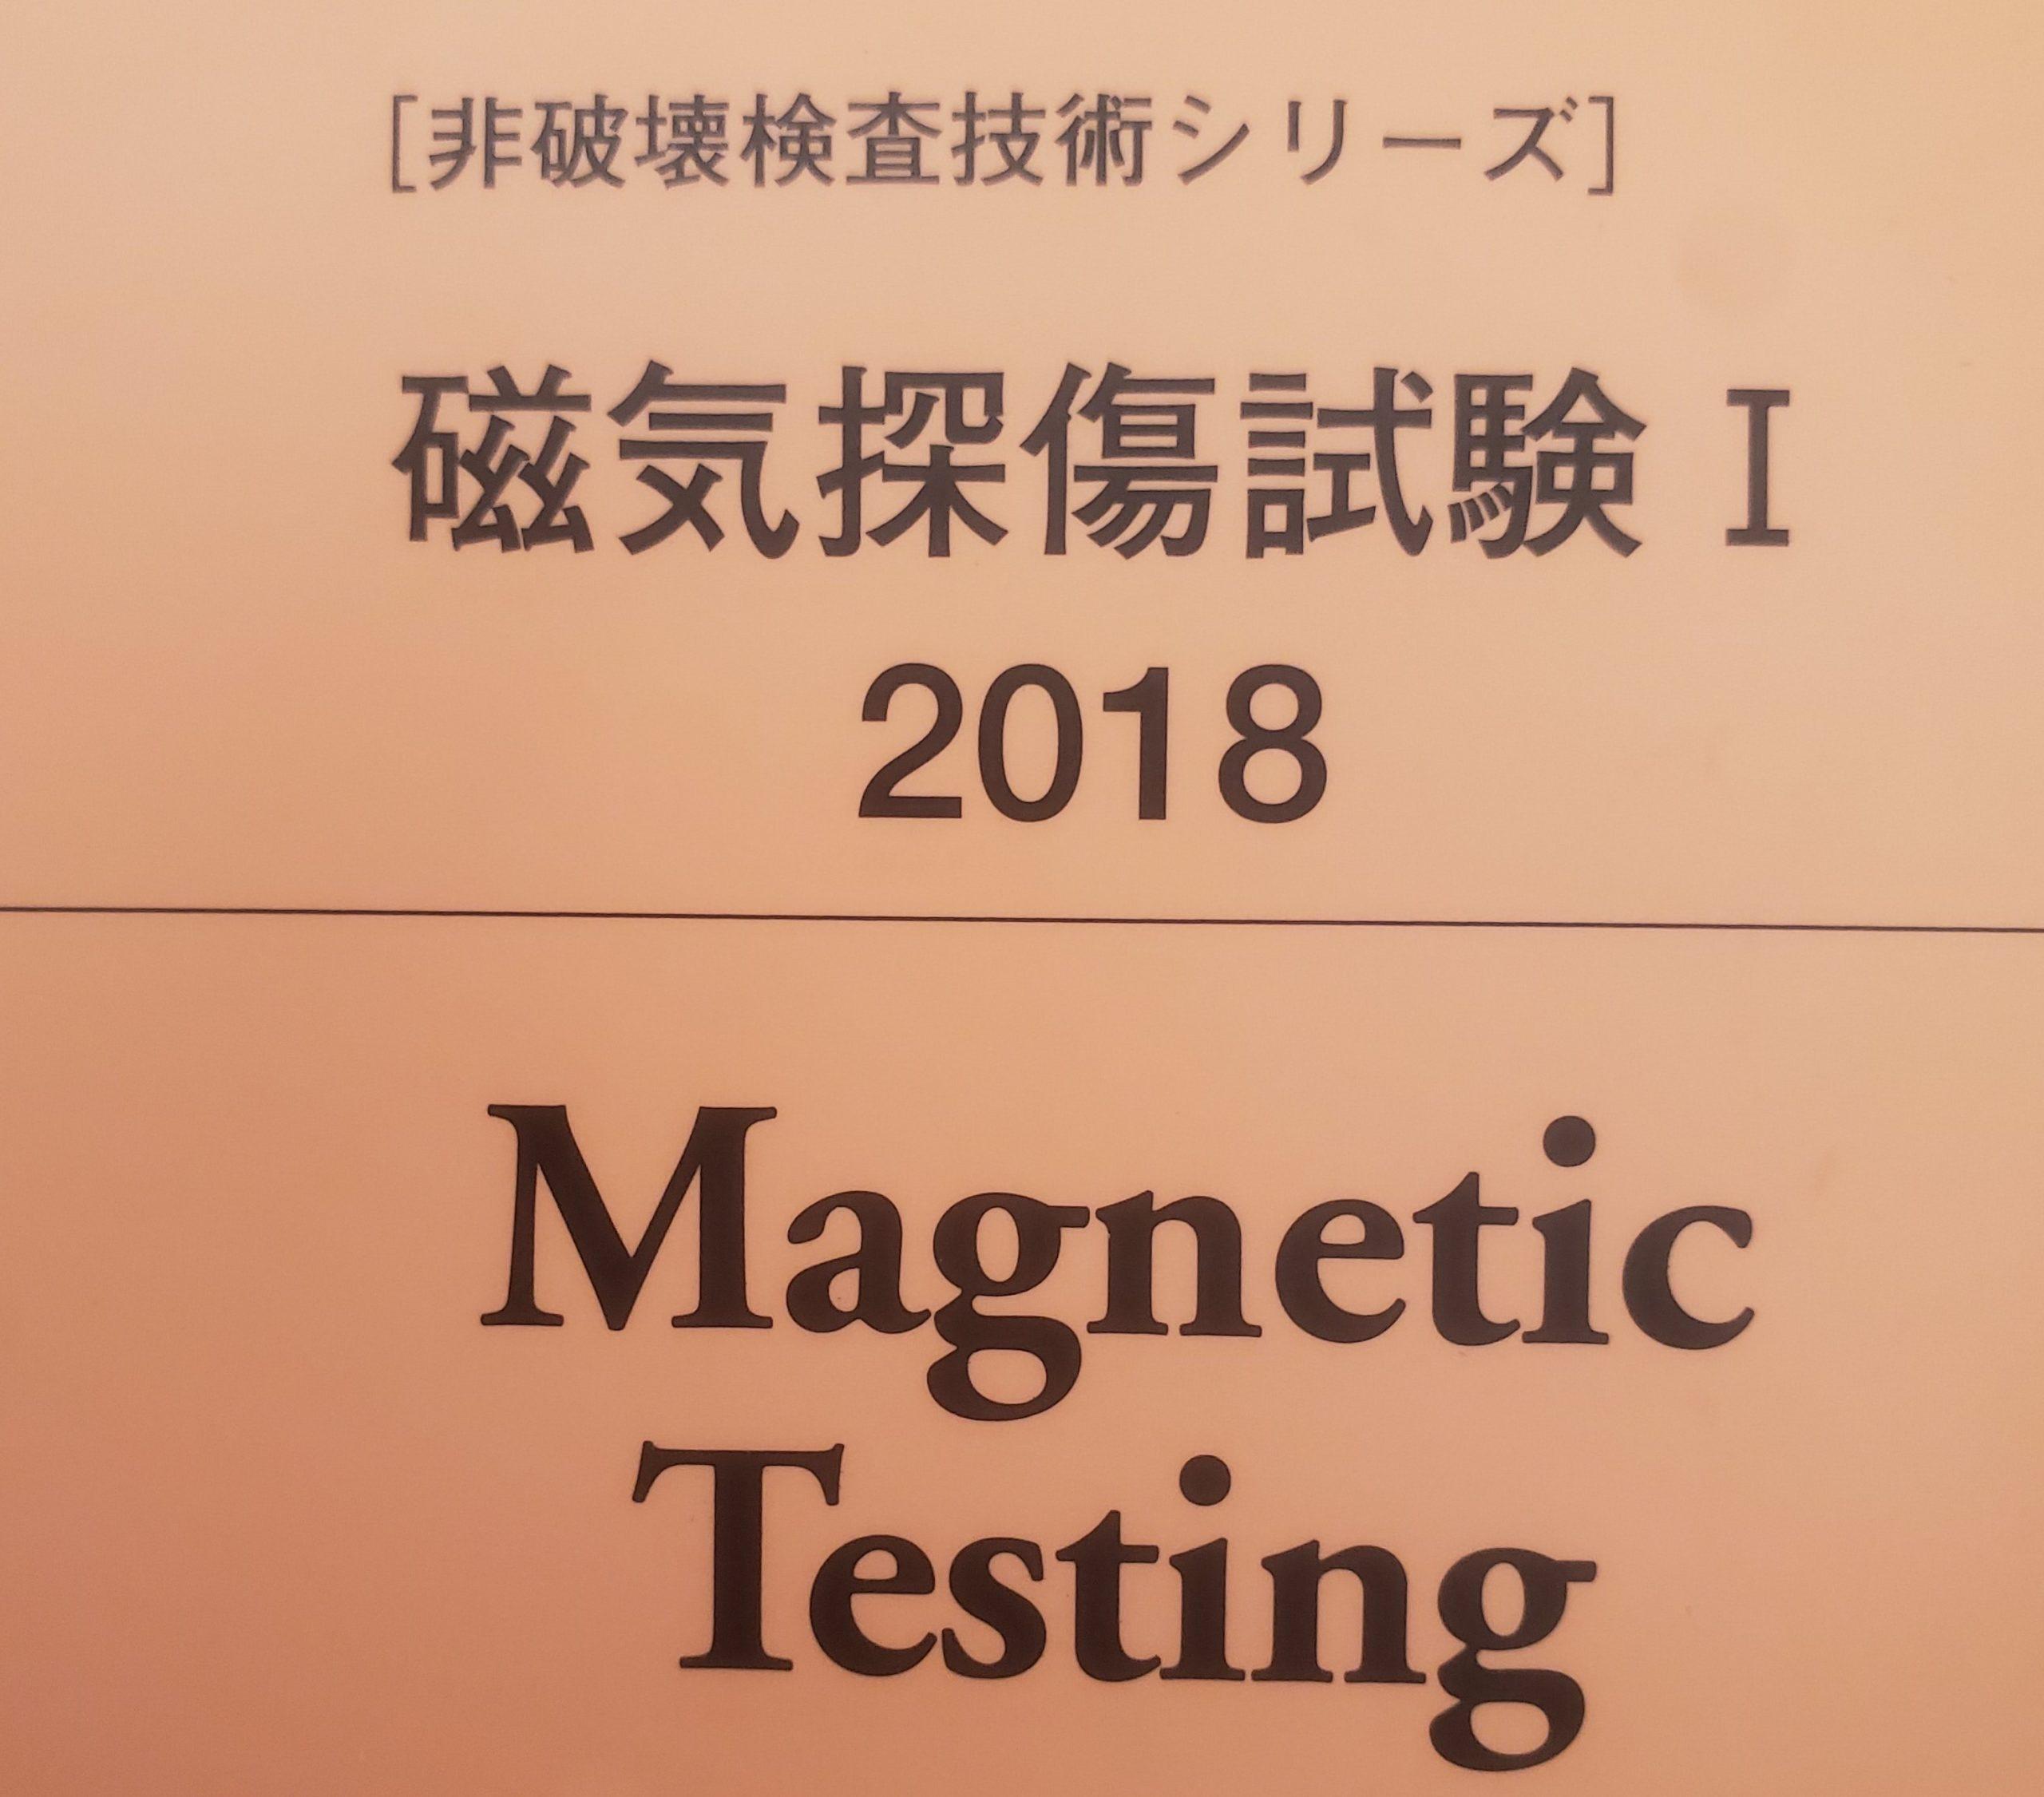 磁粉探傷試験MT-1